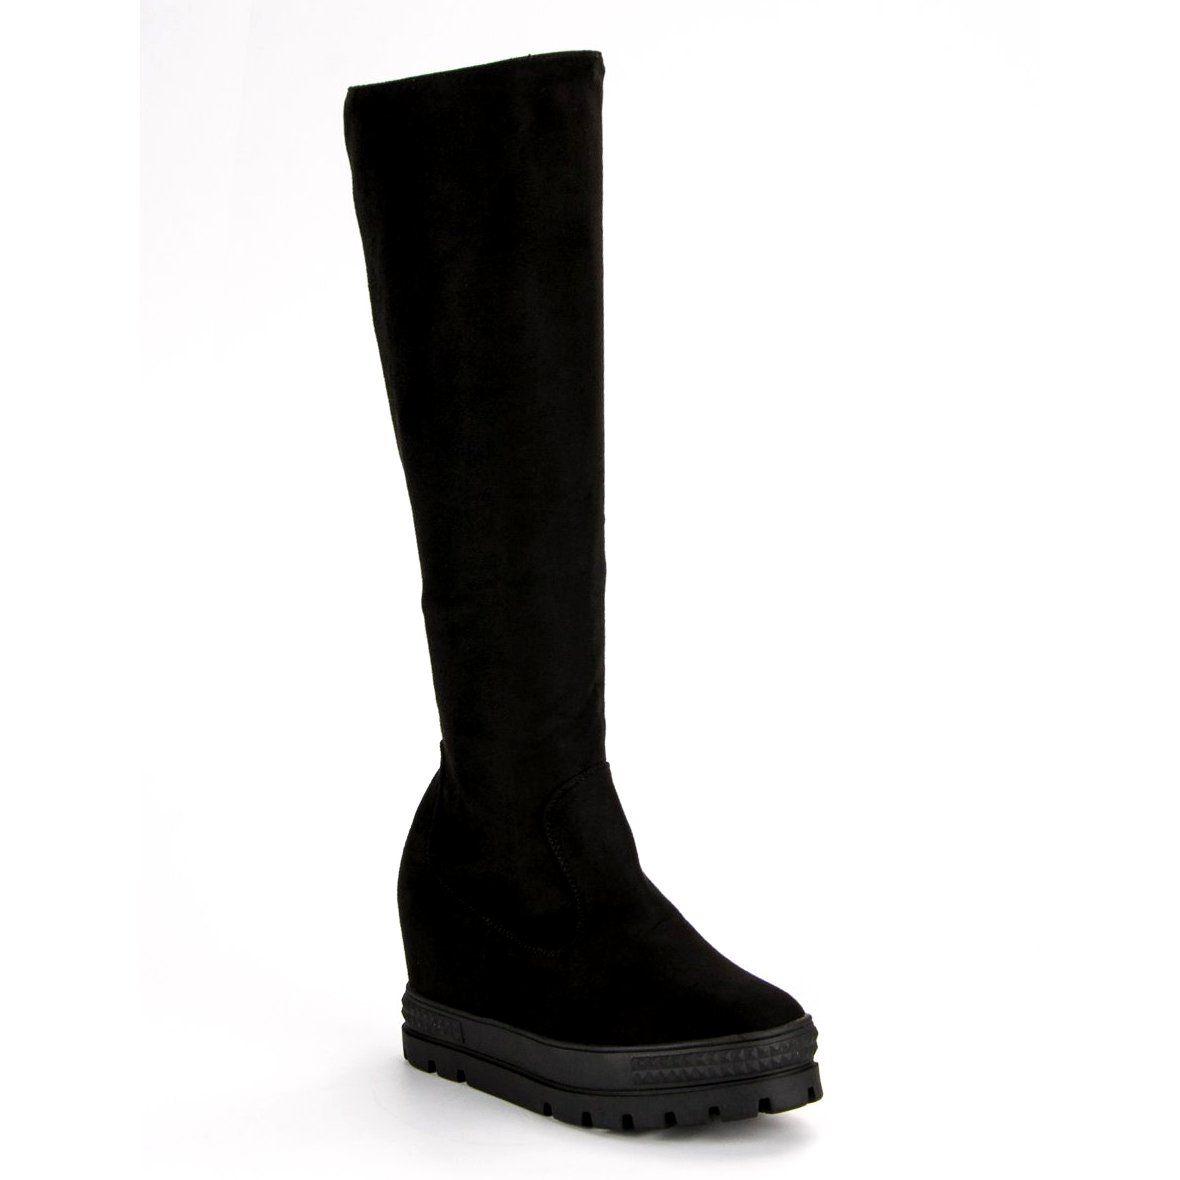 Seastar Zamszowe Kozaki Na Koturnie Czarne Shoes Boots Wedge Boot